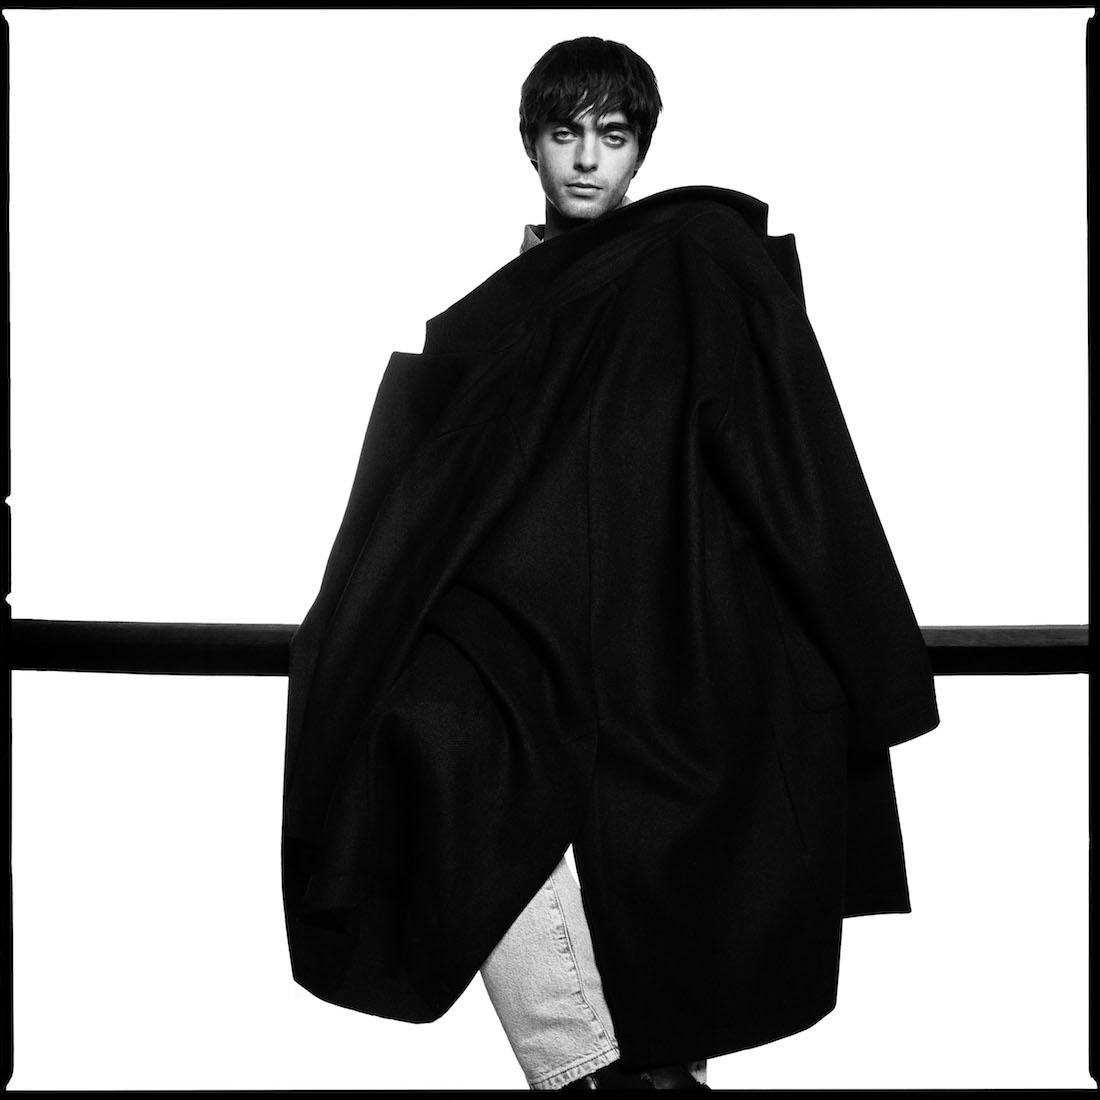 177 5619 Lennon Gallagher Zara Man H 7 Bailey Board